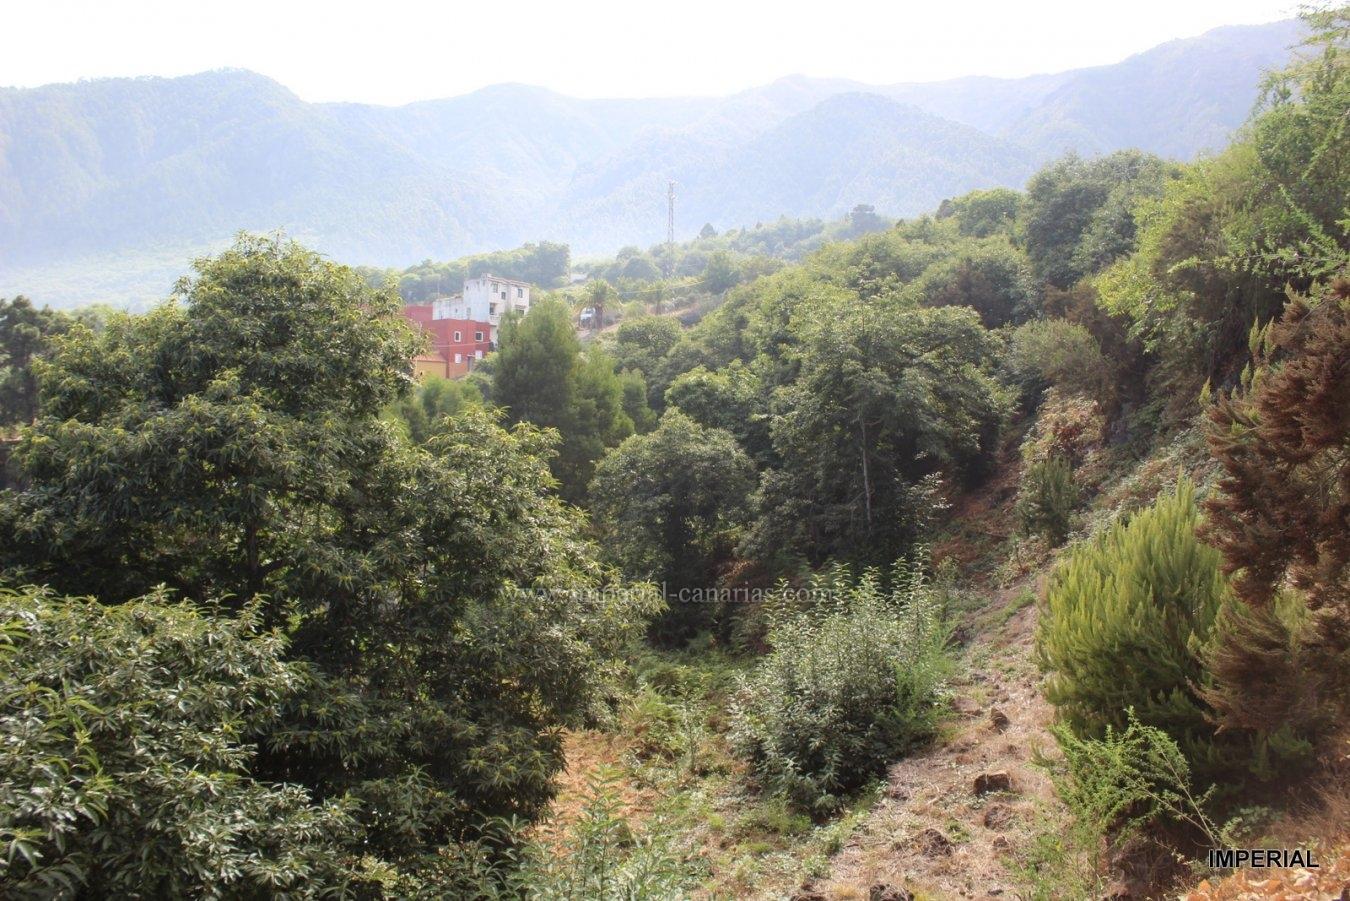 Eine regelrechte beeindruckende Traum-Finca voller Obstbäume mit fünf Strohschoberhäuschen  in der Gegend von Barroso.